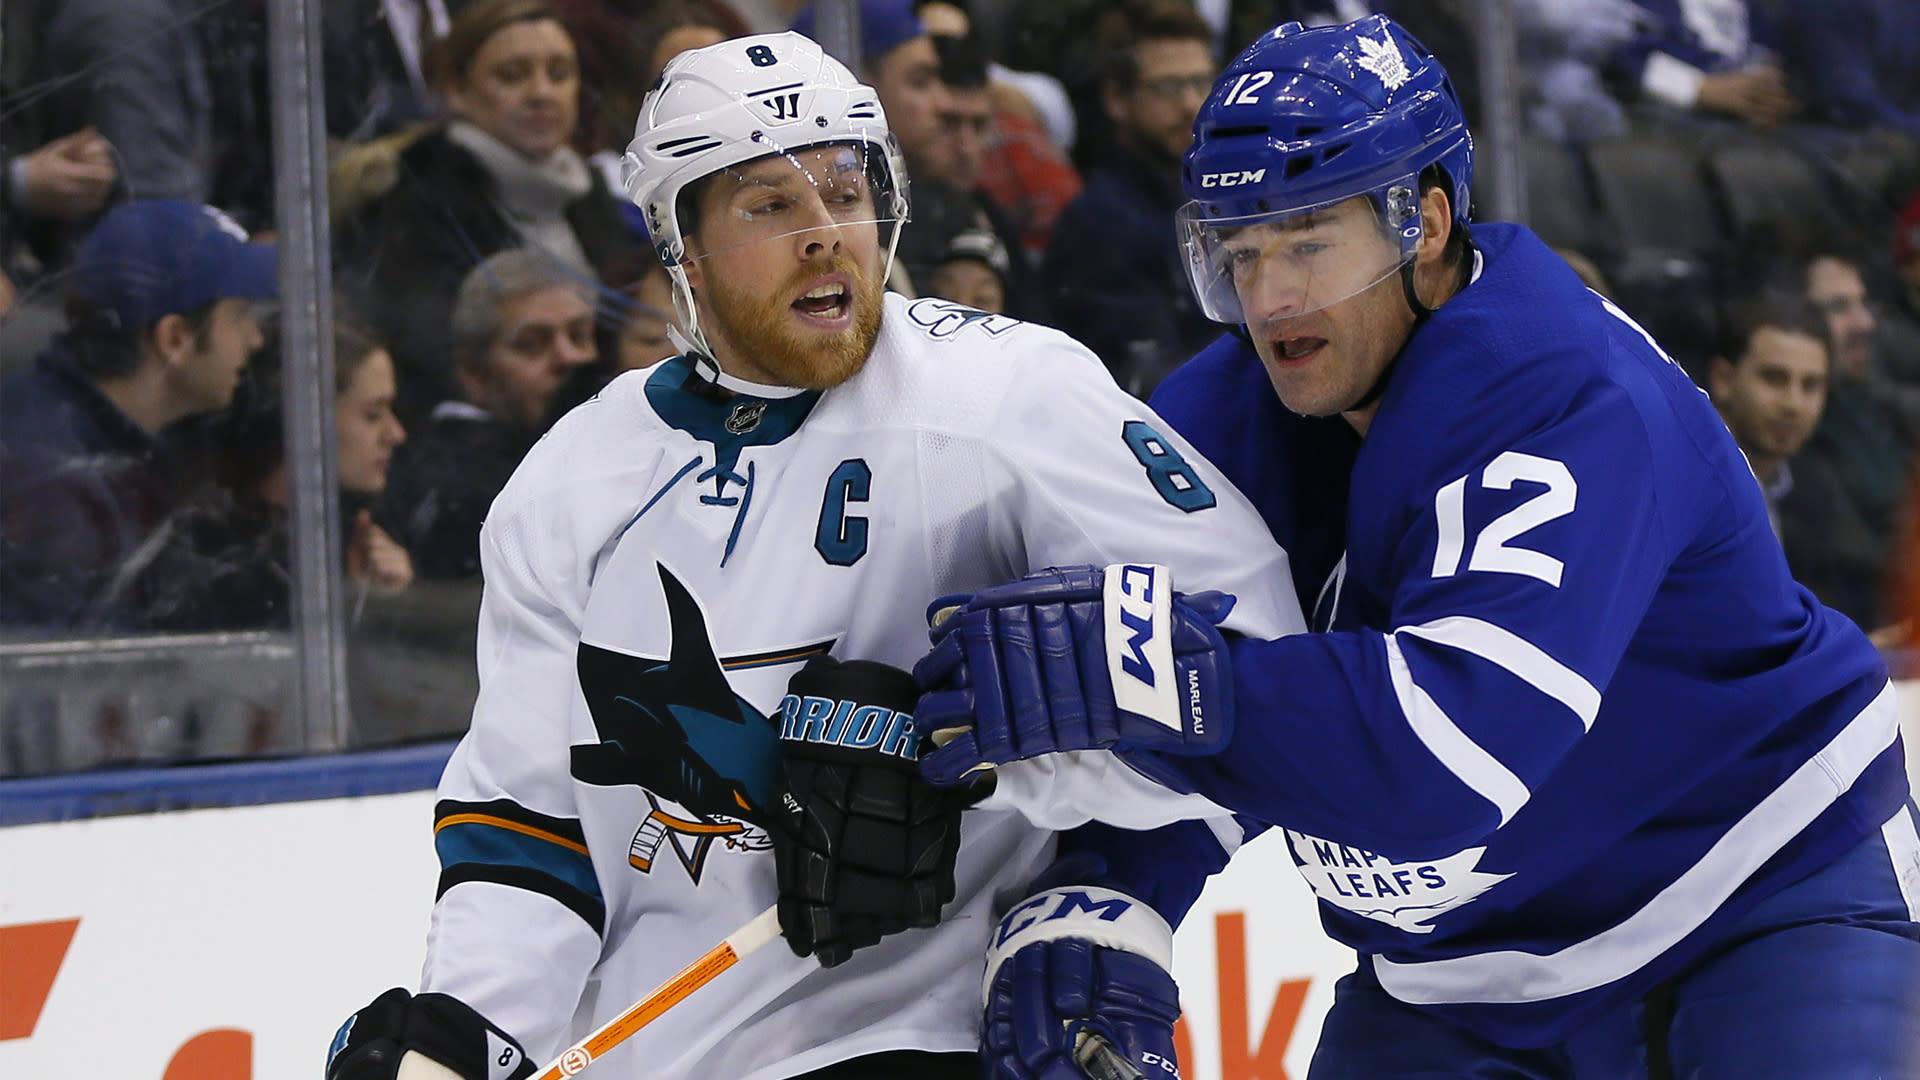 Nhl Rumors Maple Leafs La Kings Have Talked Patrick Marleau Trade